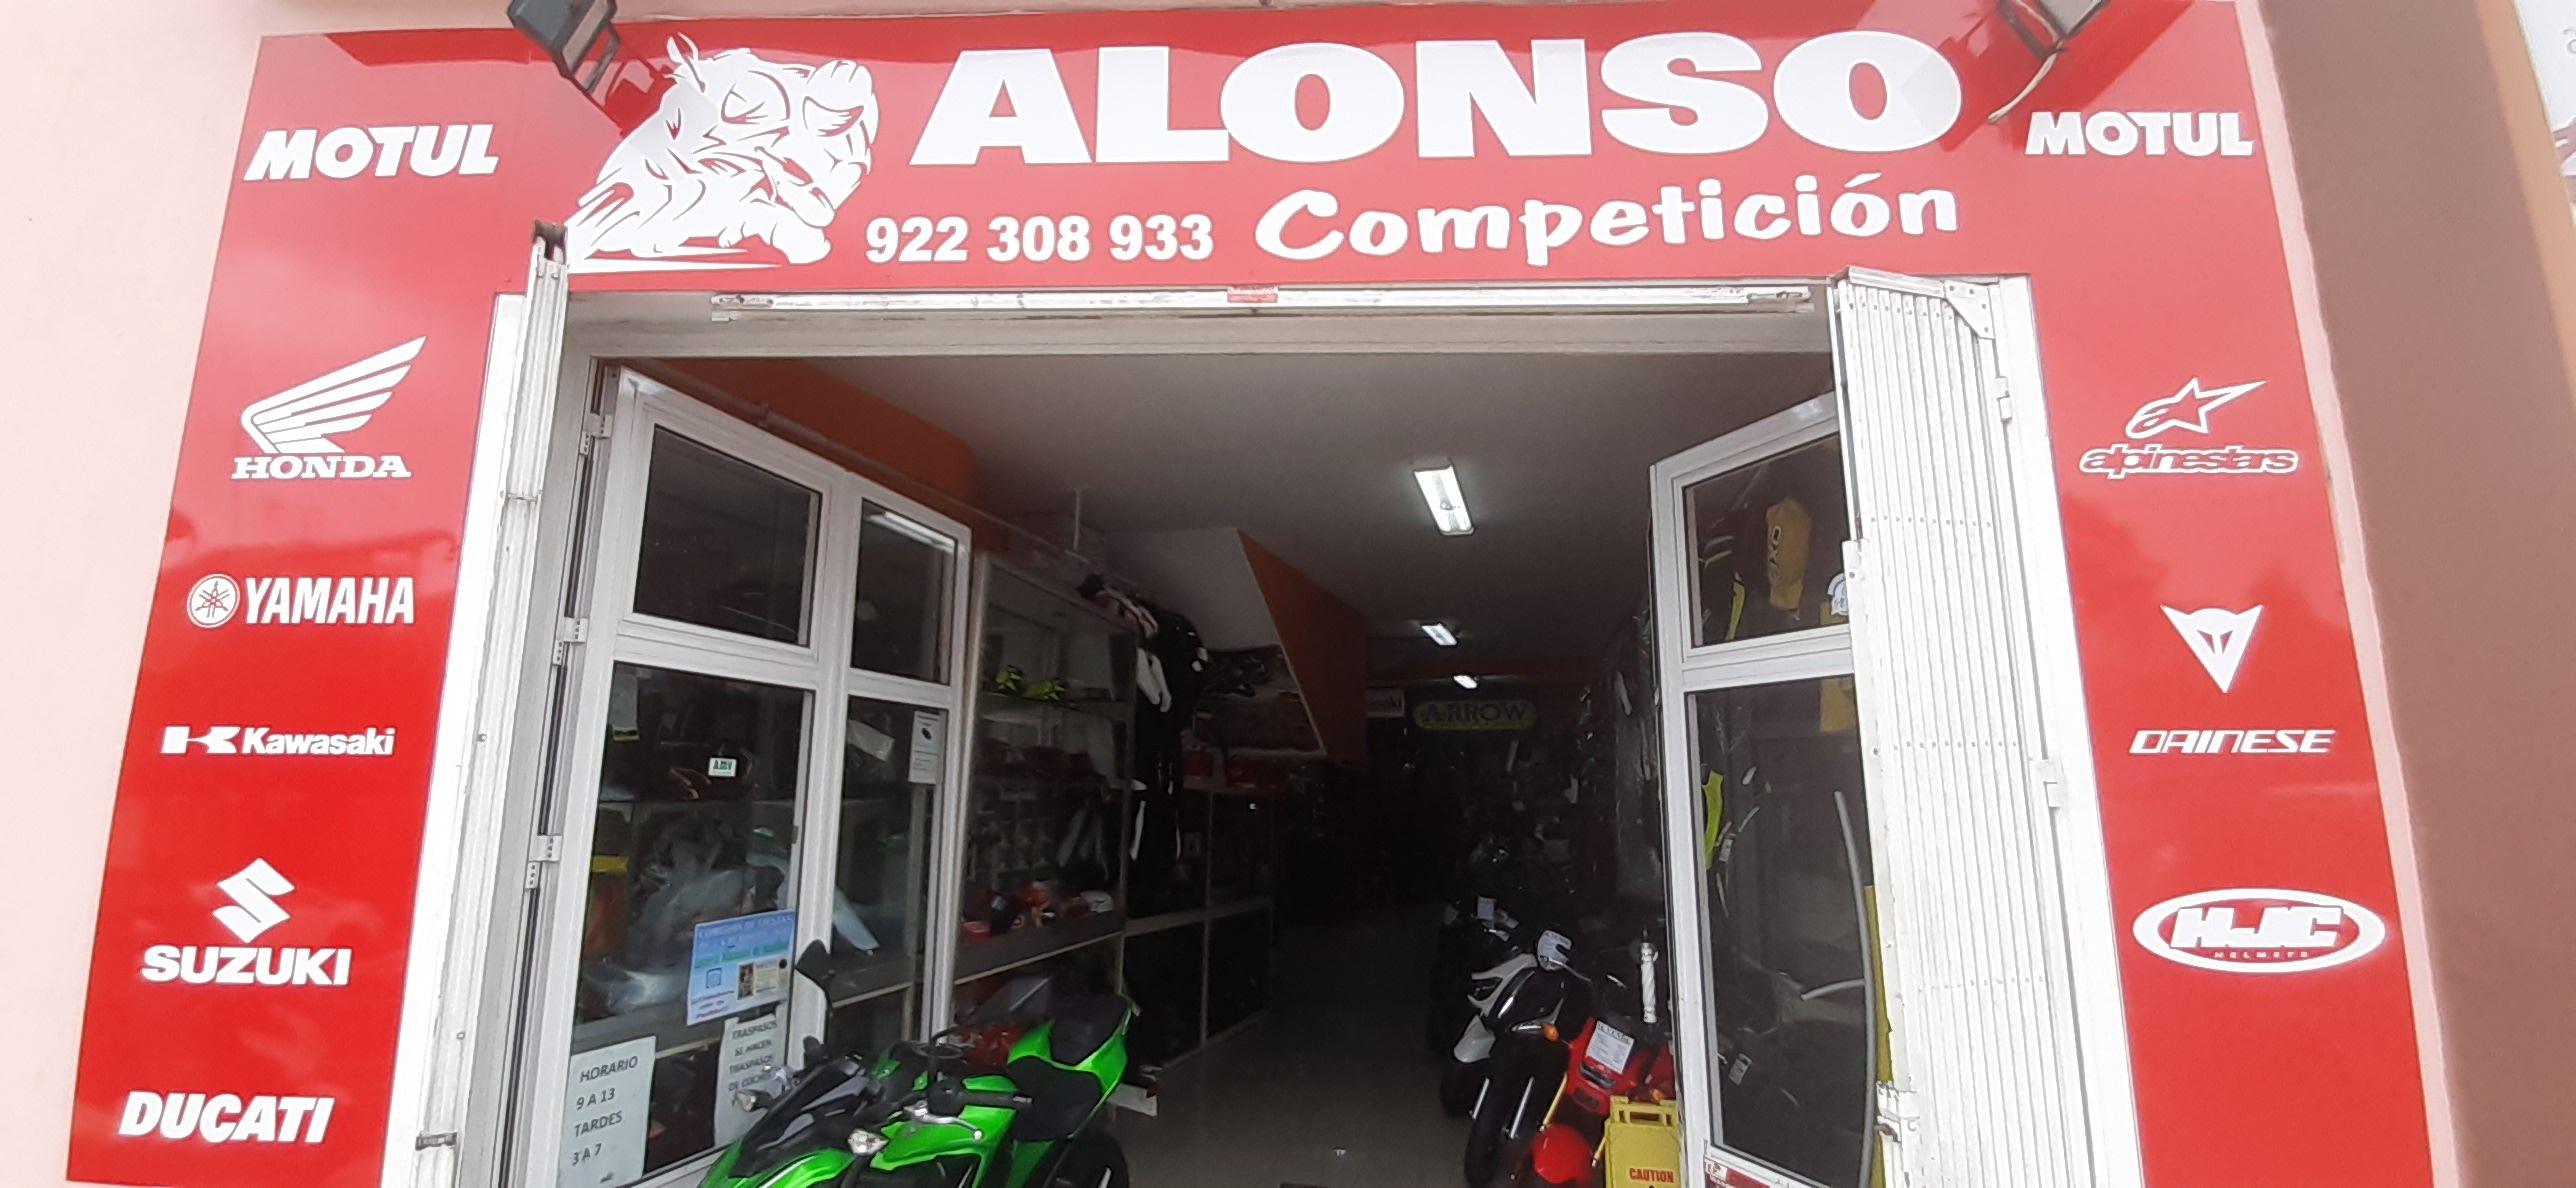 Foto 6 de Motos en La Orotava | Alonso Competición